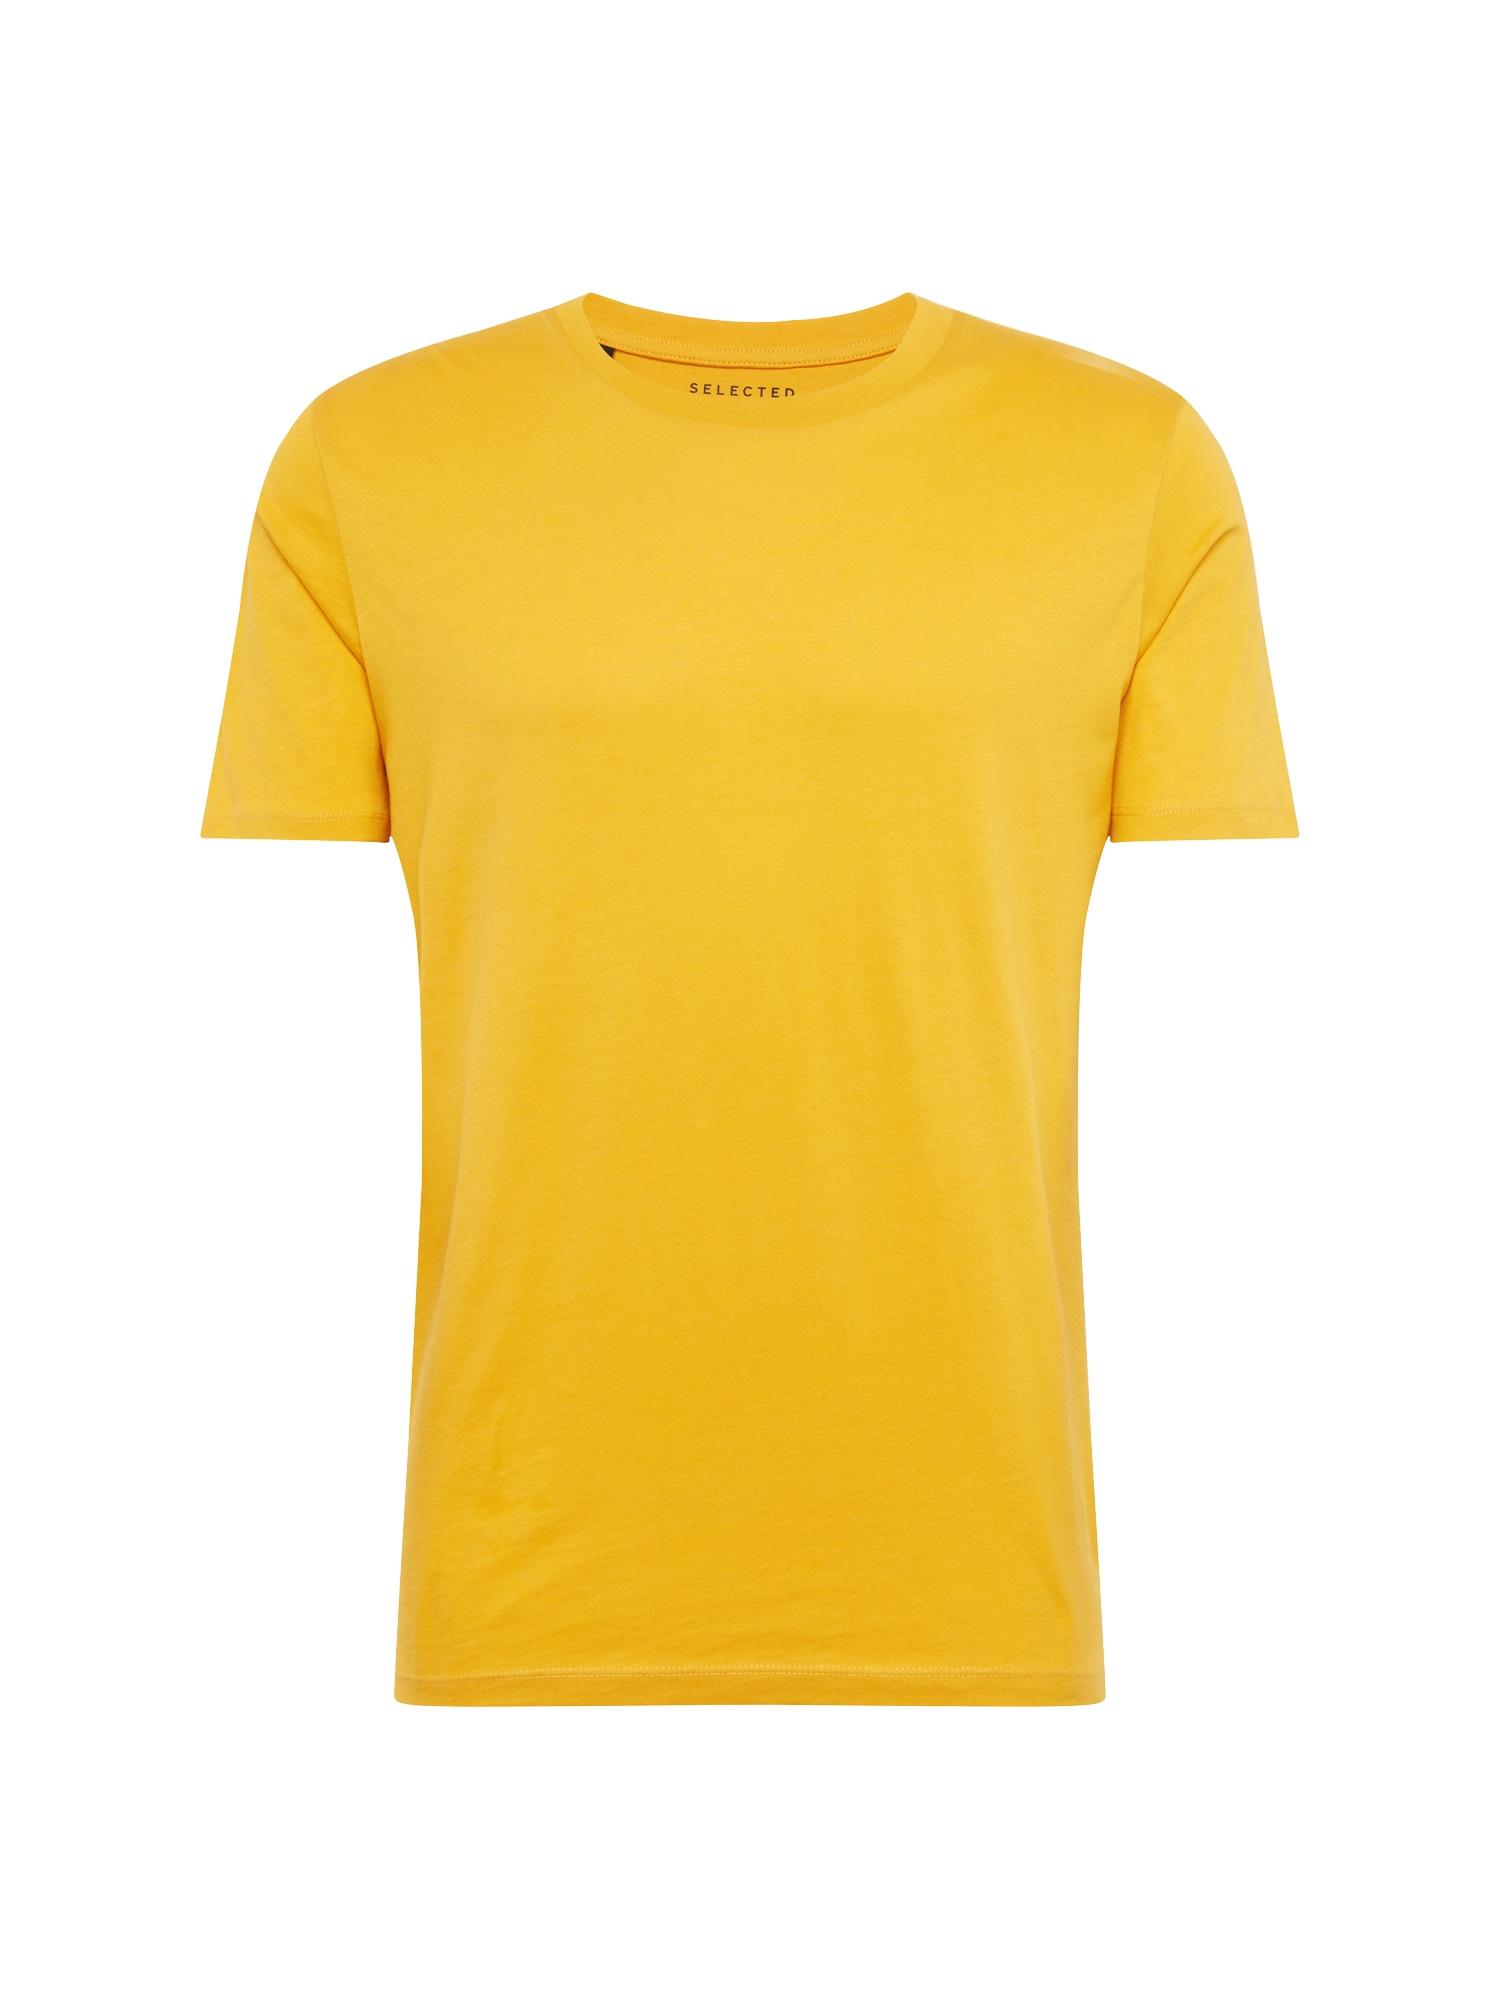 Tričko SHDTHEPERFECT žlutá SELECTED HOMME